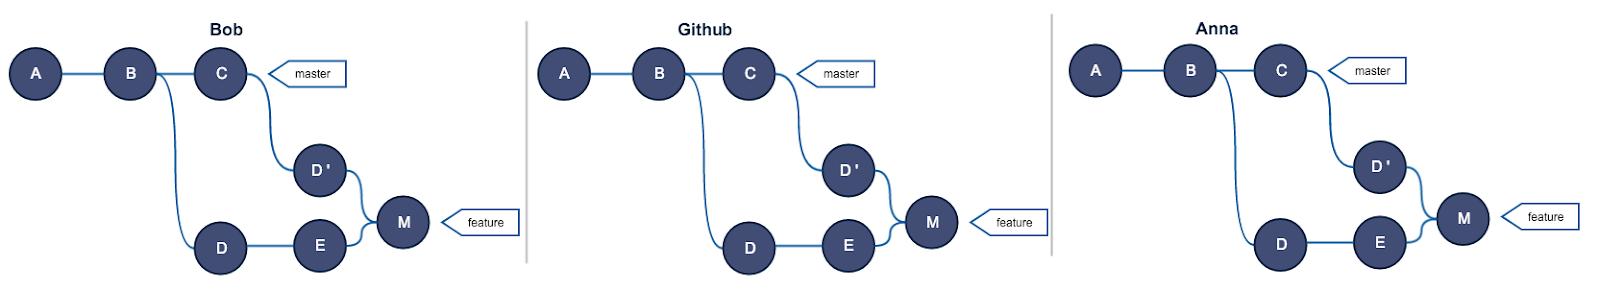 Руководство по Git. Часть №2: золотое правило и другие основы rebase - 9